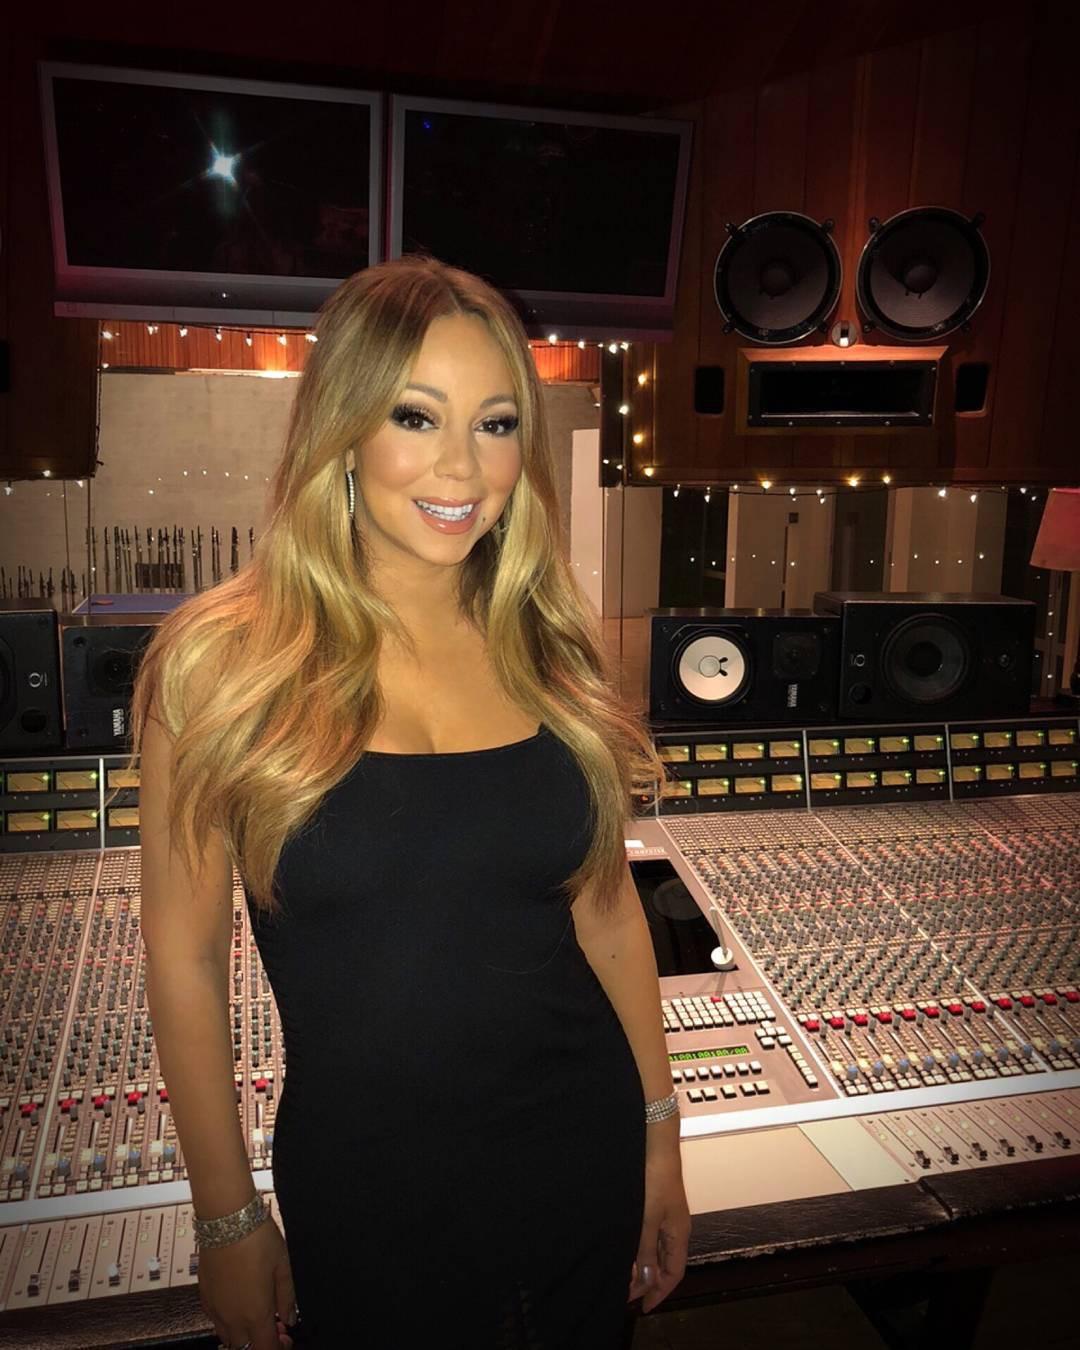 Giảm 11 kg nhờ phẫu thuật, Mariah Carey lấy lại vóc dáng không khác thời hoàng kim nhan sắc - Ảnh 2.